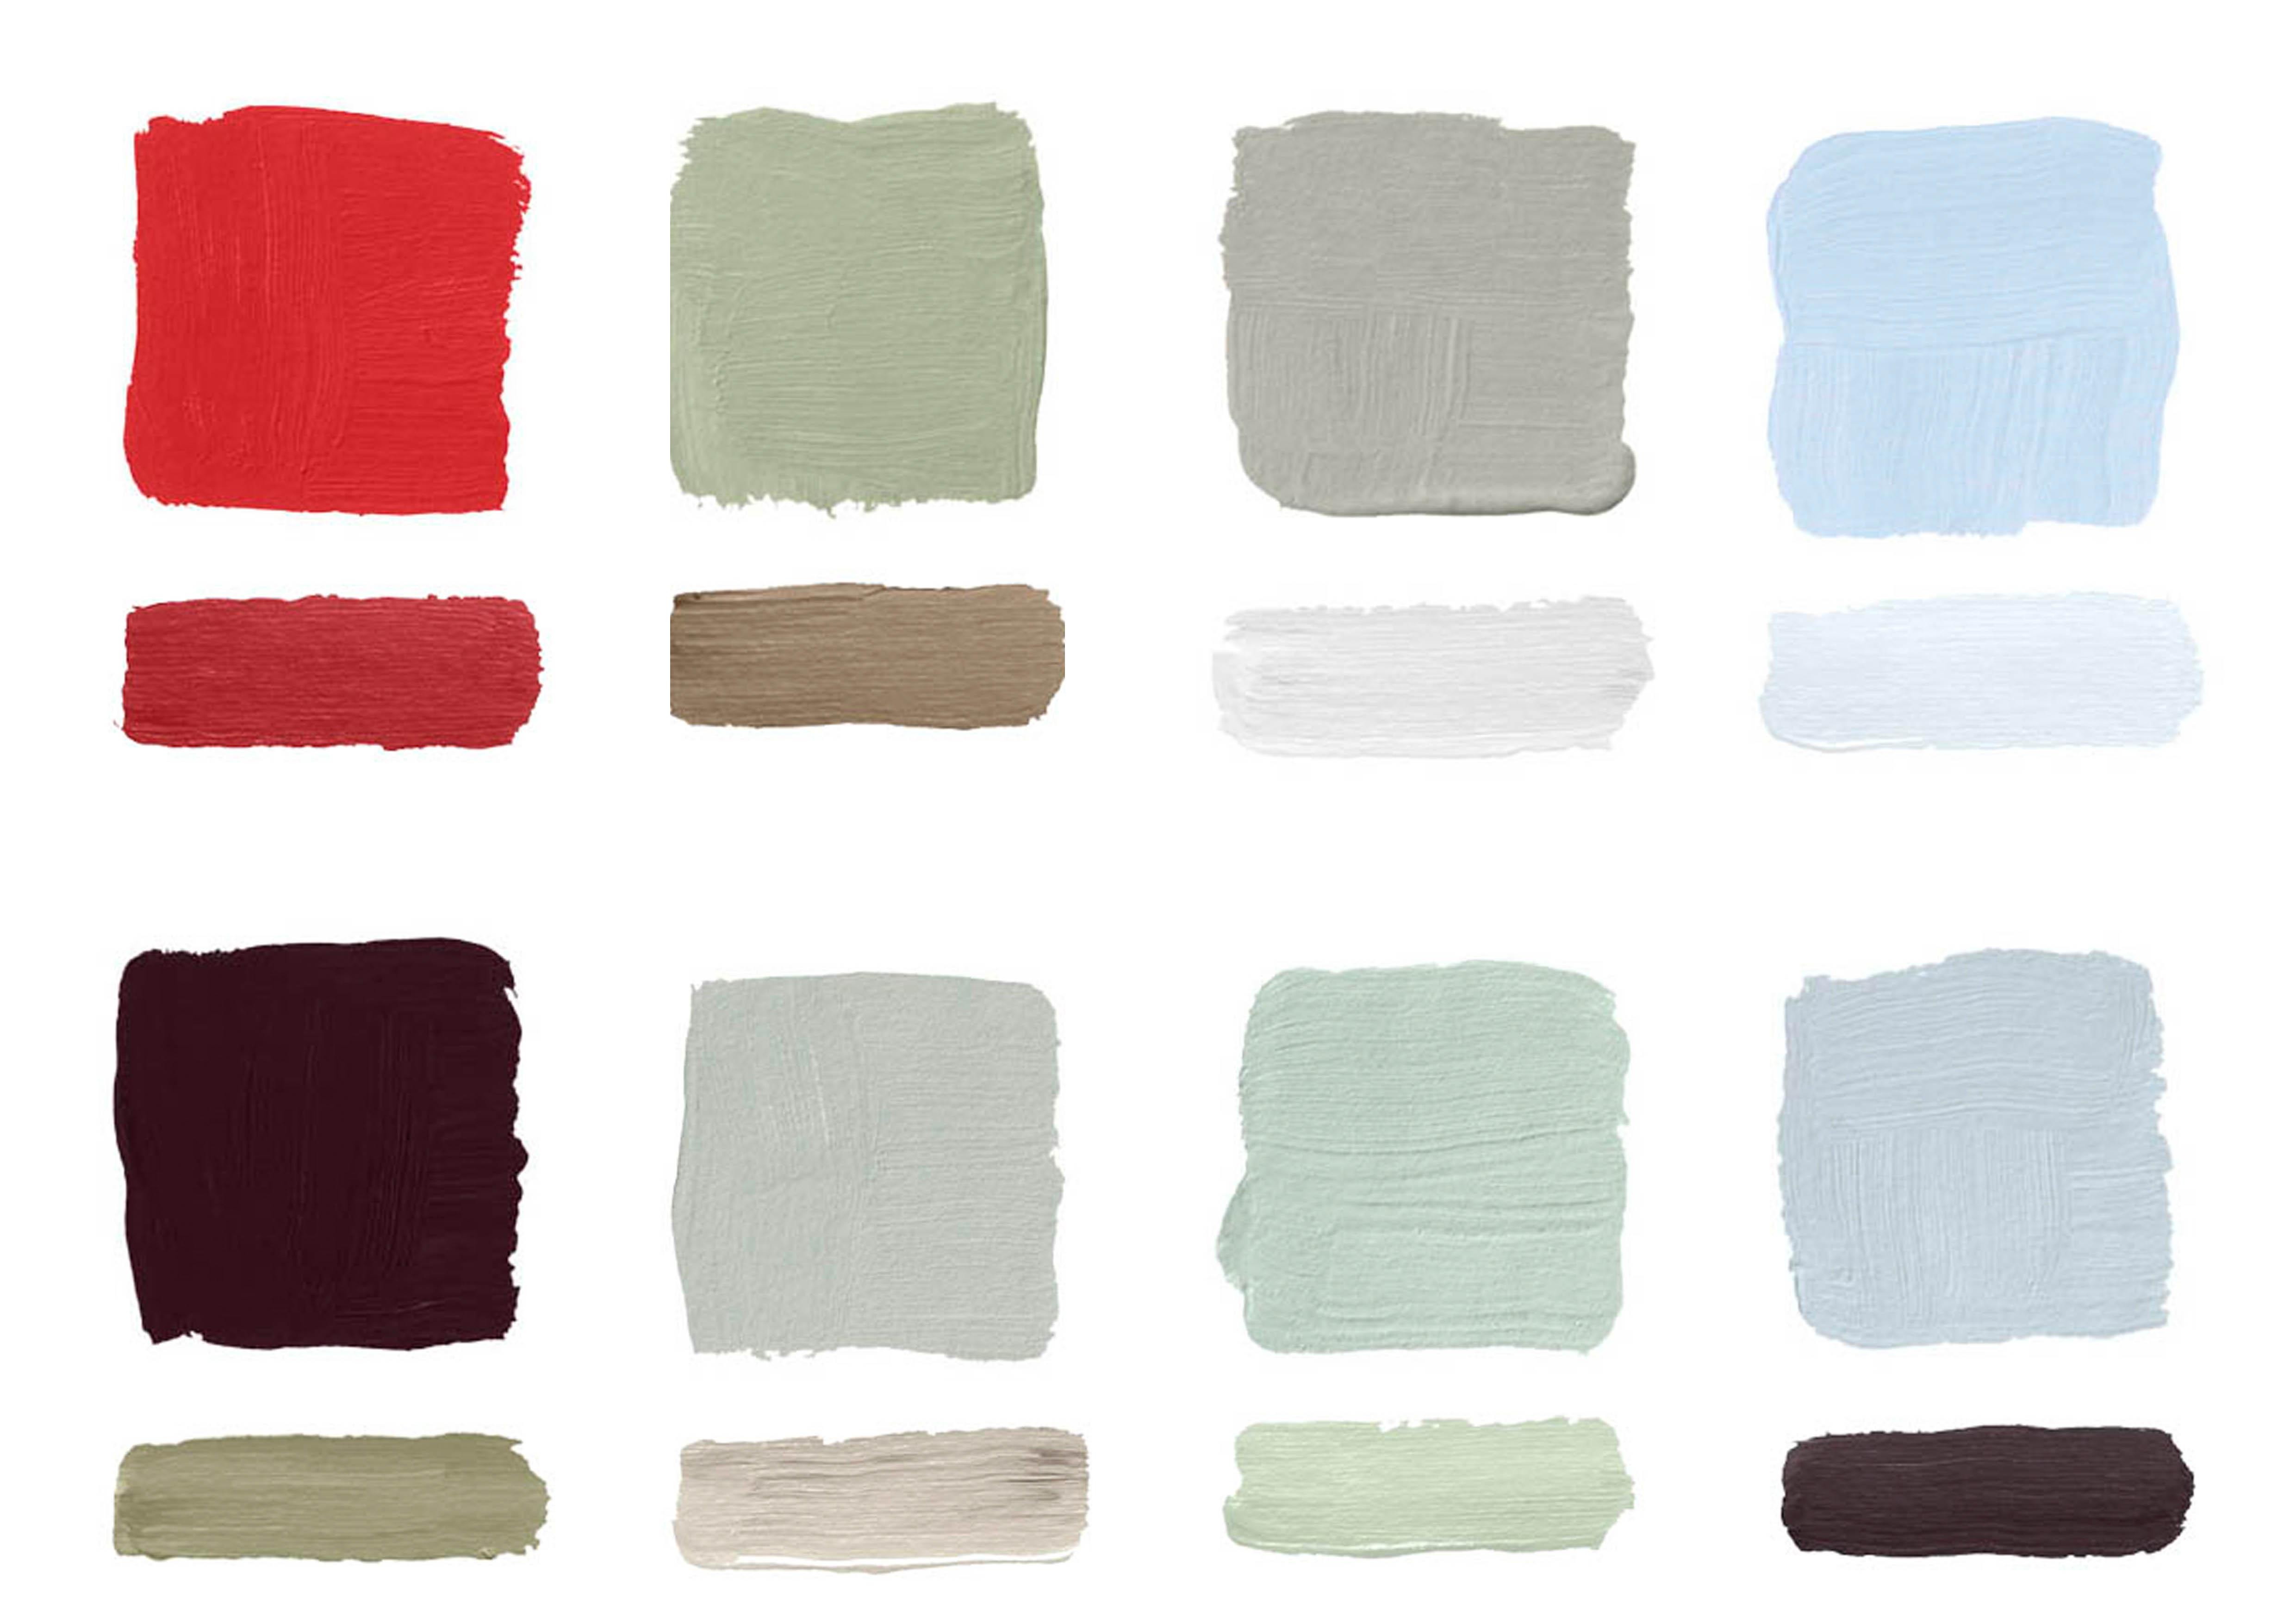 ... colori più intriganti? Come abbinare un colore intenso come un